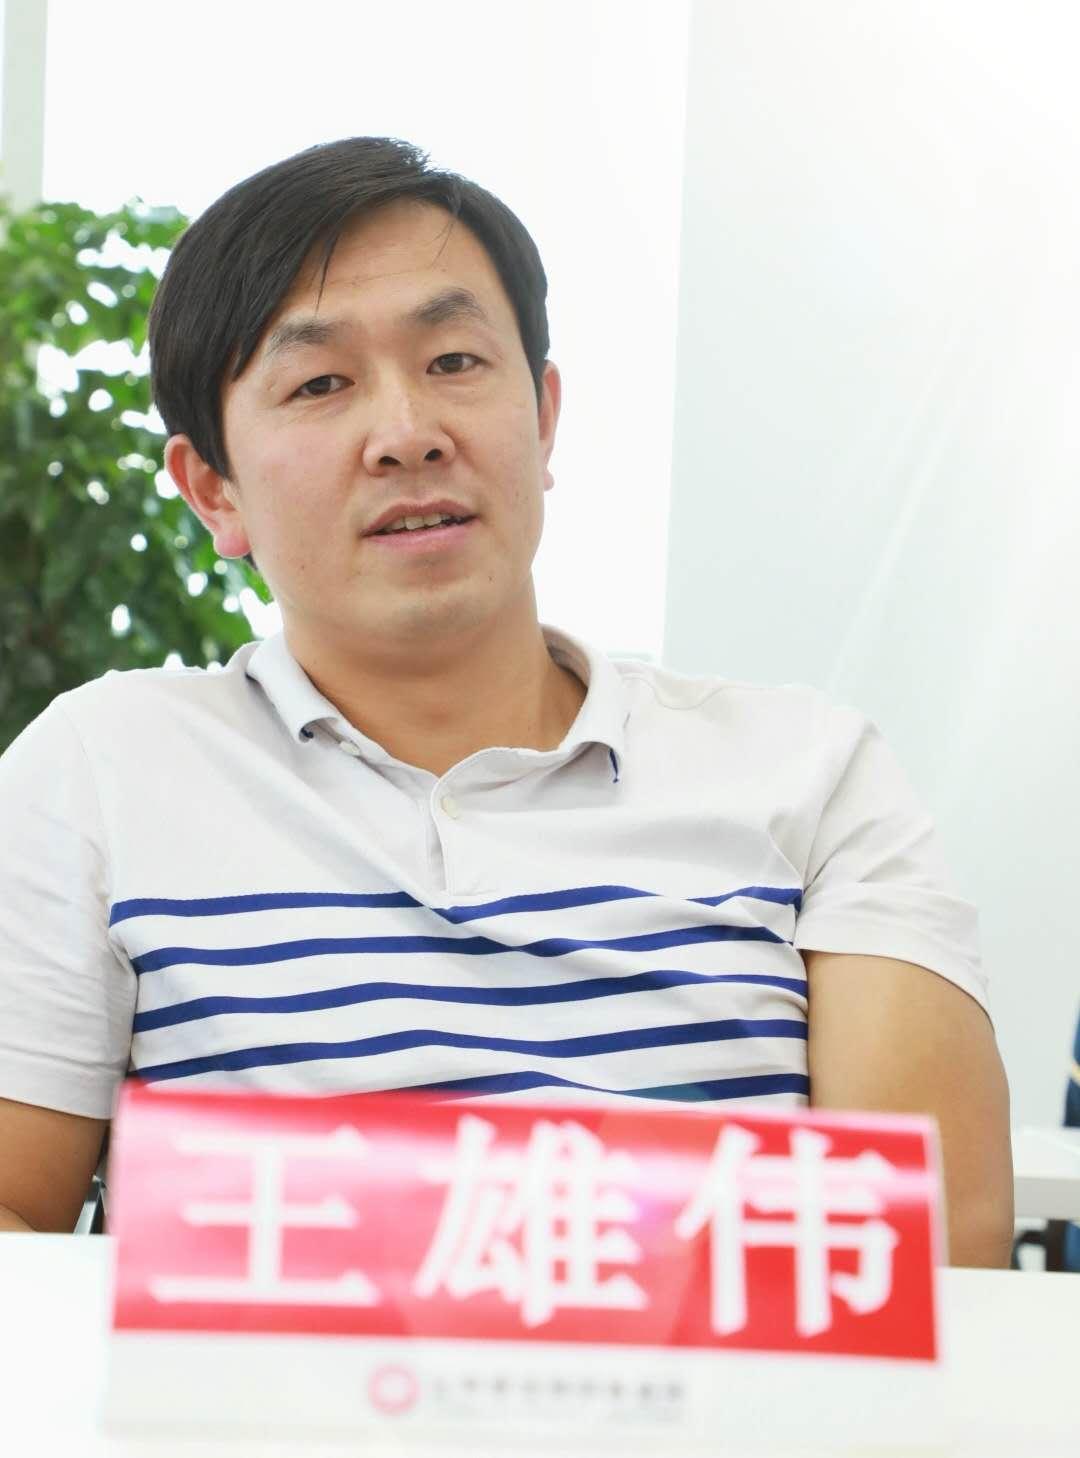 王雄伟律师:律师如何在刑事案件中发挥作用